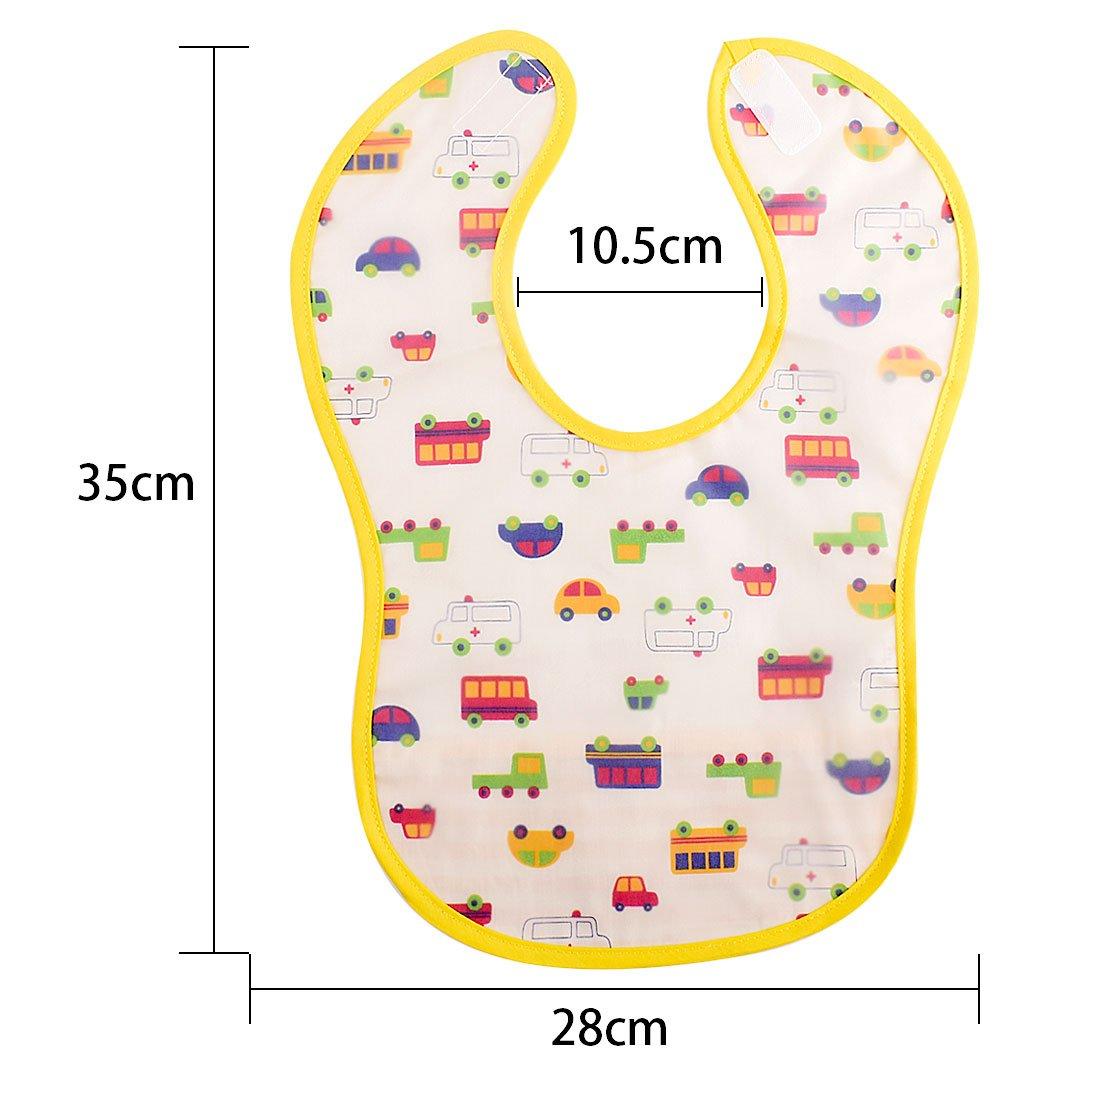 Gudotra 3 piezas Baberos Infantiles Disferente Color Impermeables Material PEVA Fácil de Lavar per Niños Niña: Amazon.es: Bebé